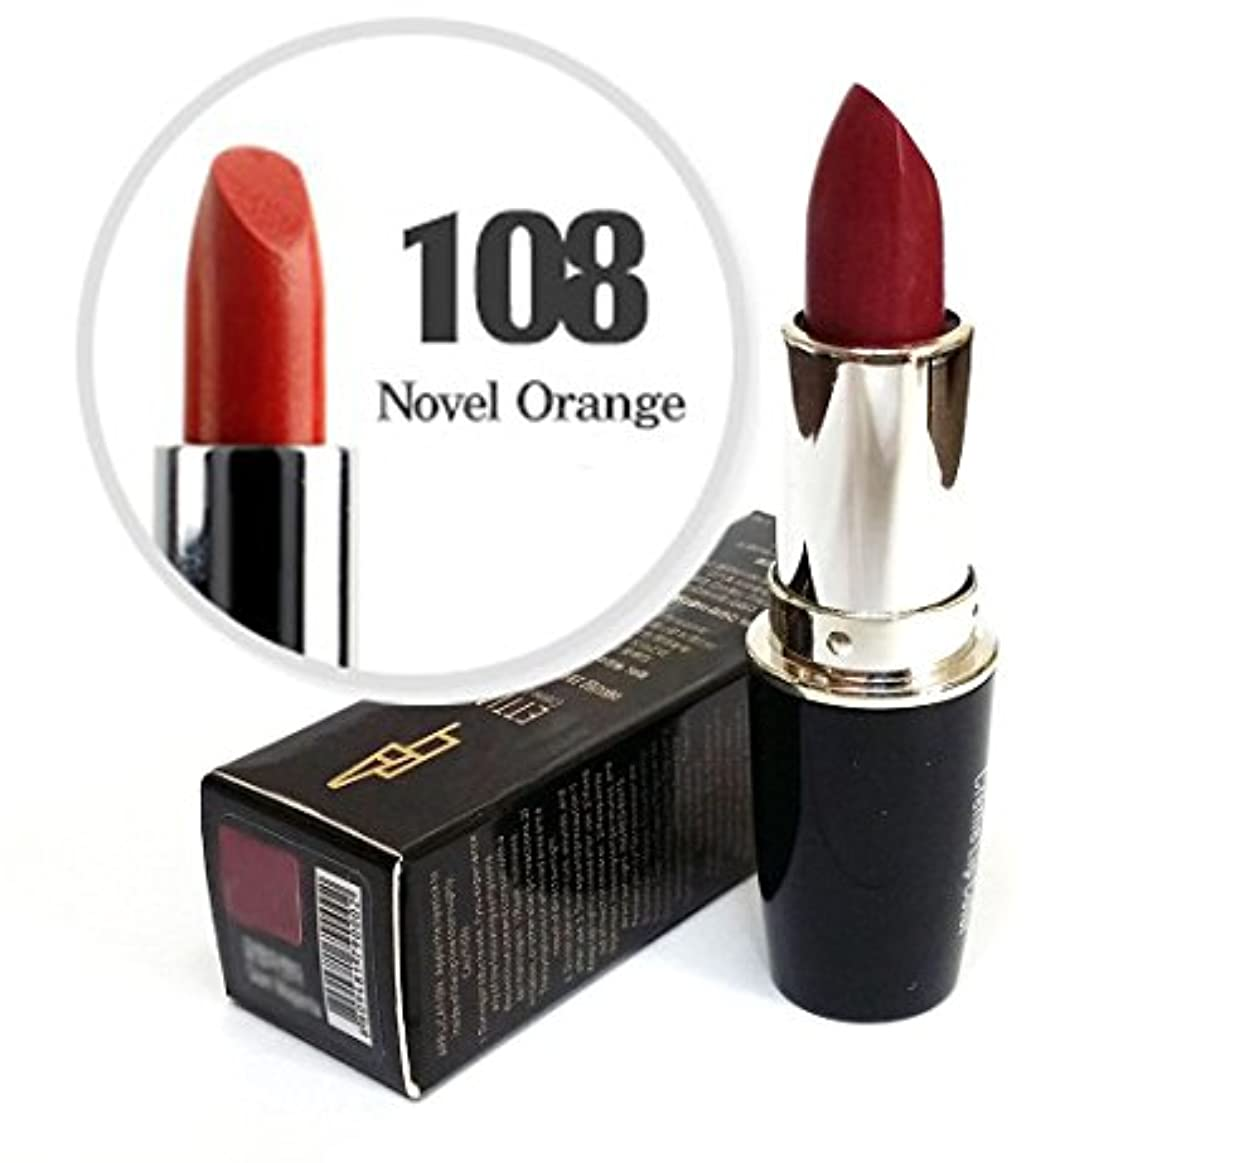 下線宮殿指導する[Ettian] クリームリップカラー3.5g / Cream Lip Color 3.5g / 新しい口紅 #108小説オレンジ/ New Lipstick #108 Novel Orange / ドライ感じることはありません / never feels dry / 韓国化粧品 / Korean Cosmetics [並行輸入品]